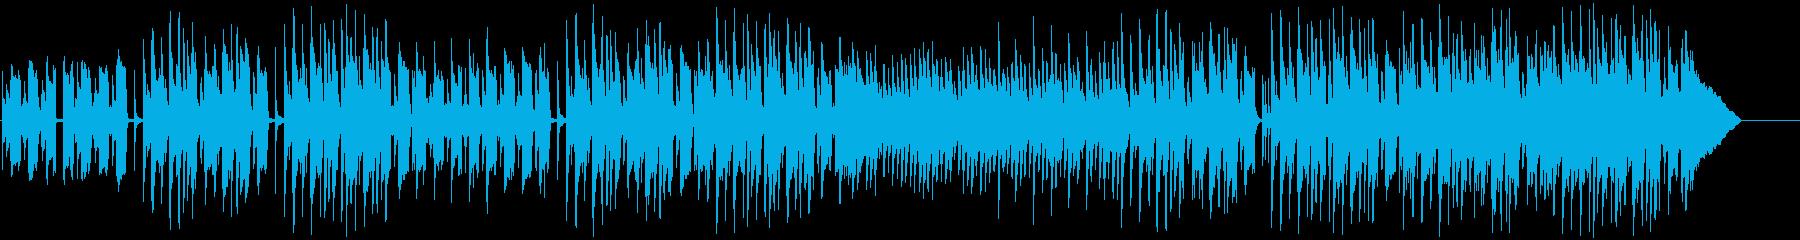 コミカルで素朴な日常 アコースティックの再生済みの波形